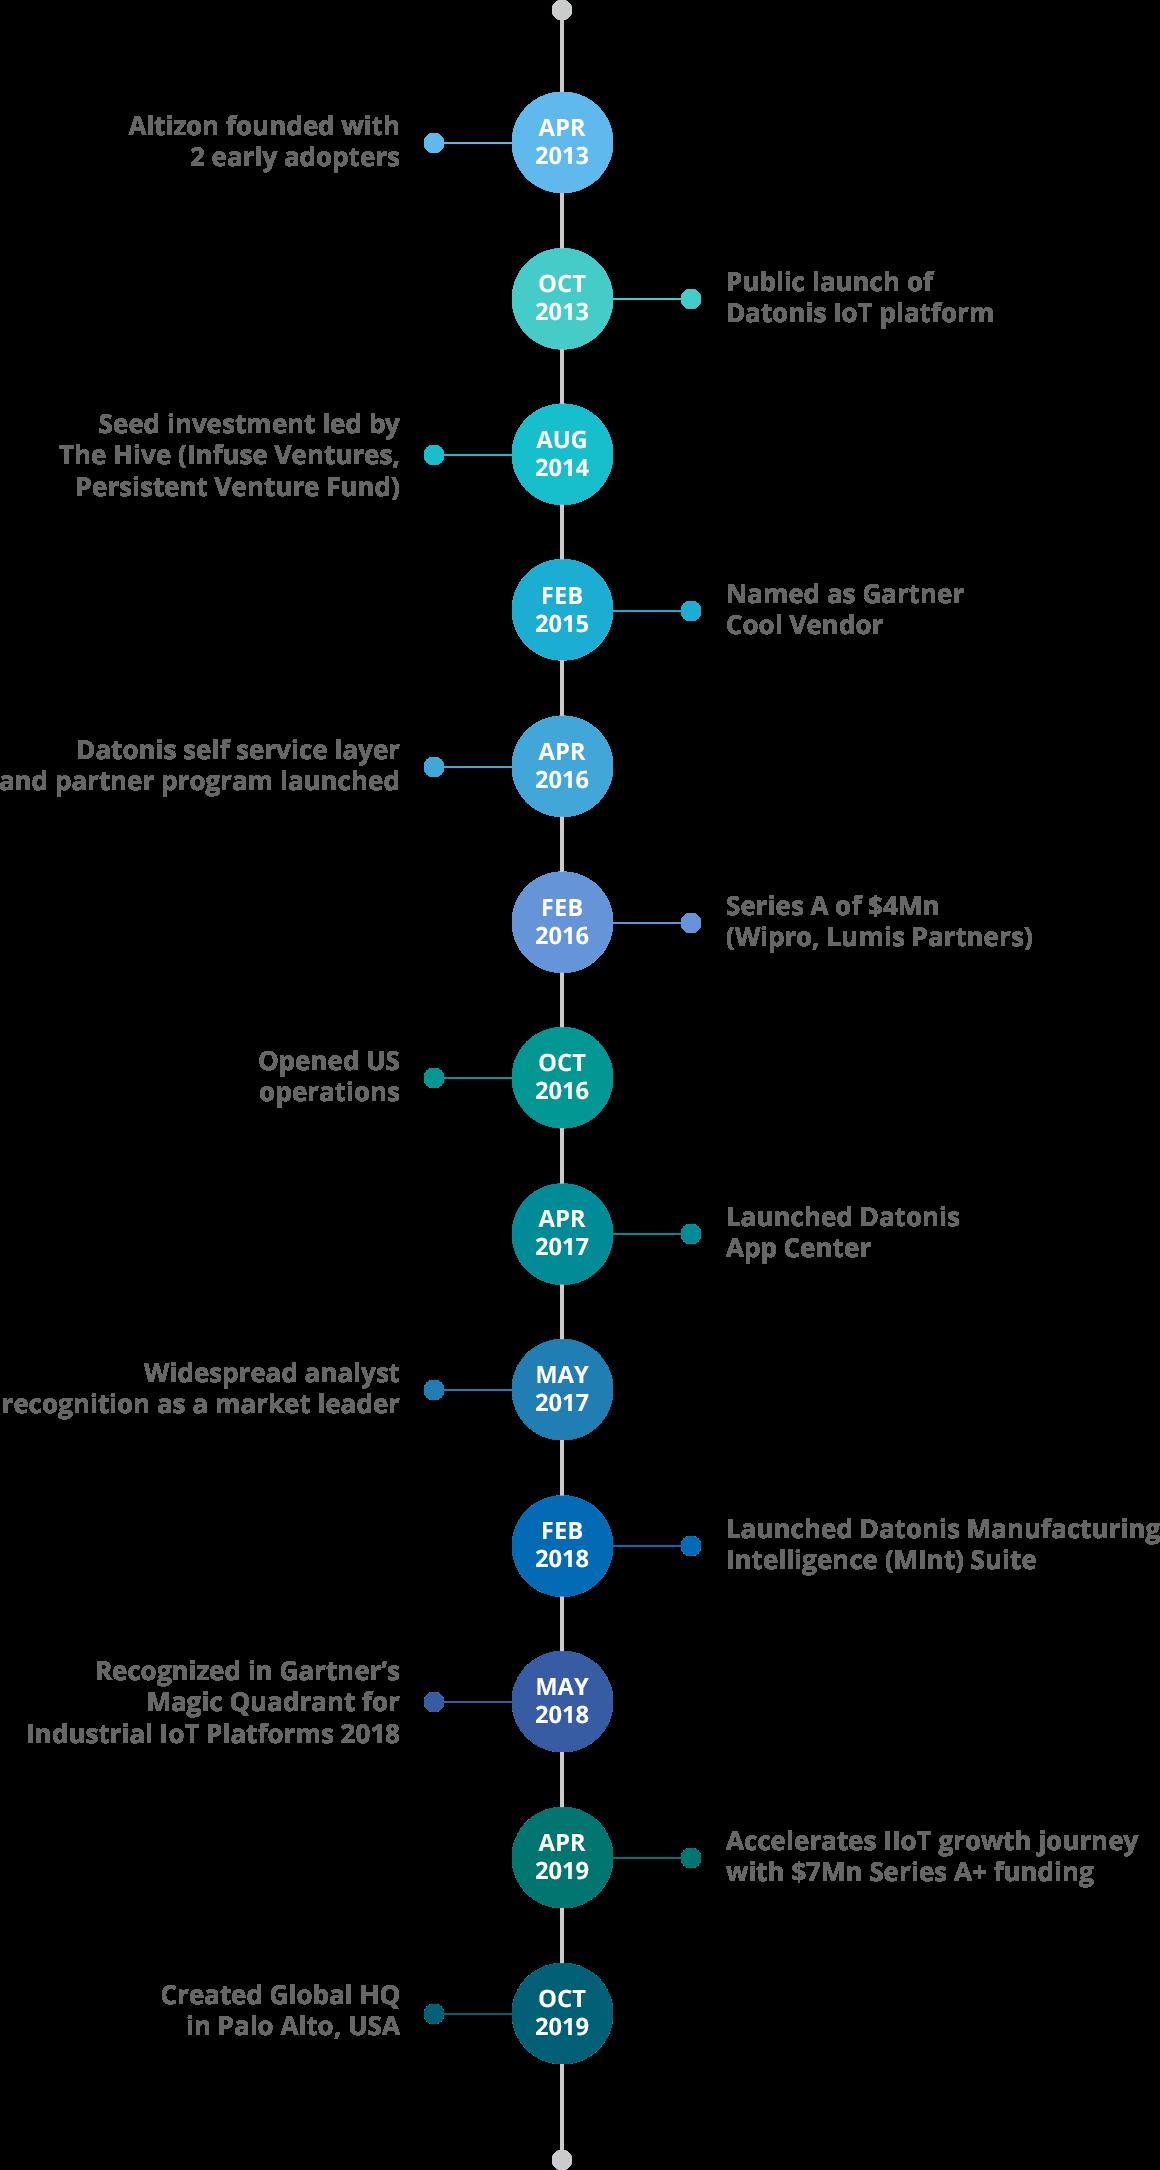 altizon-timeline